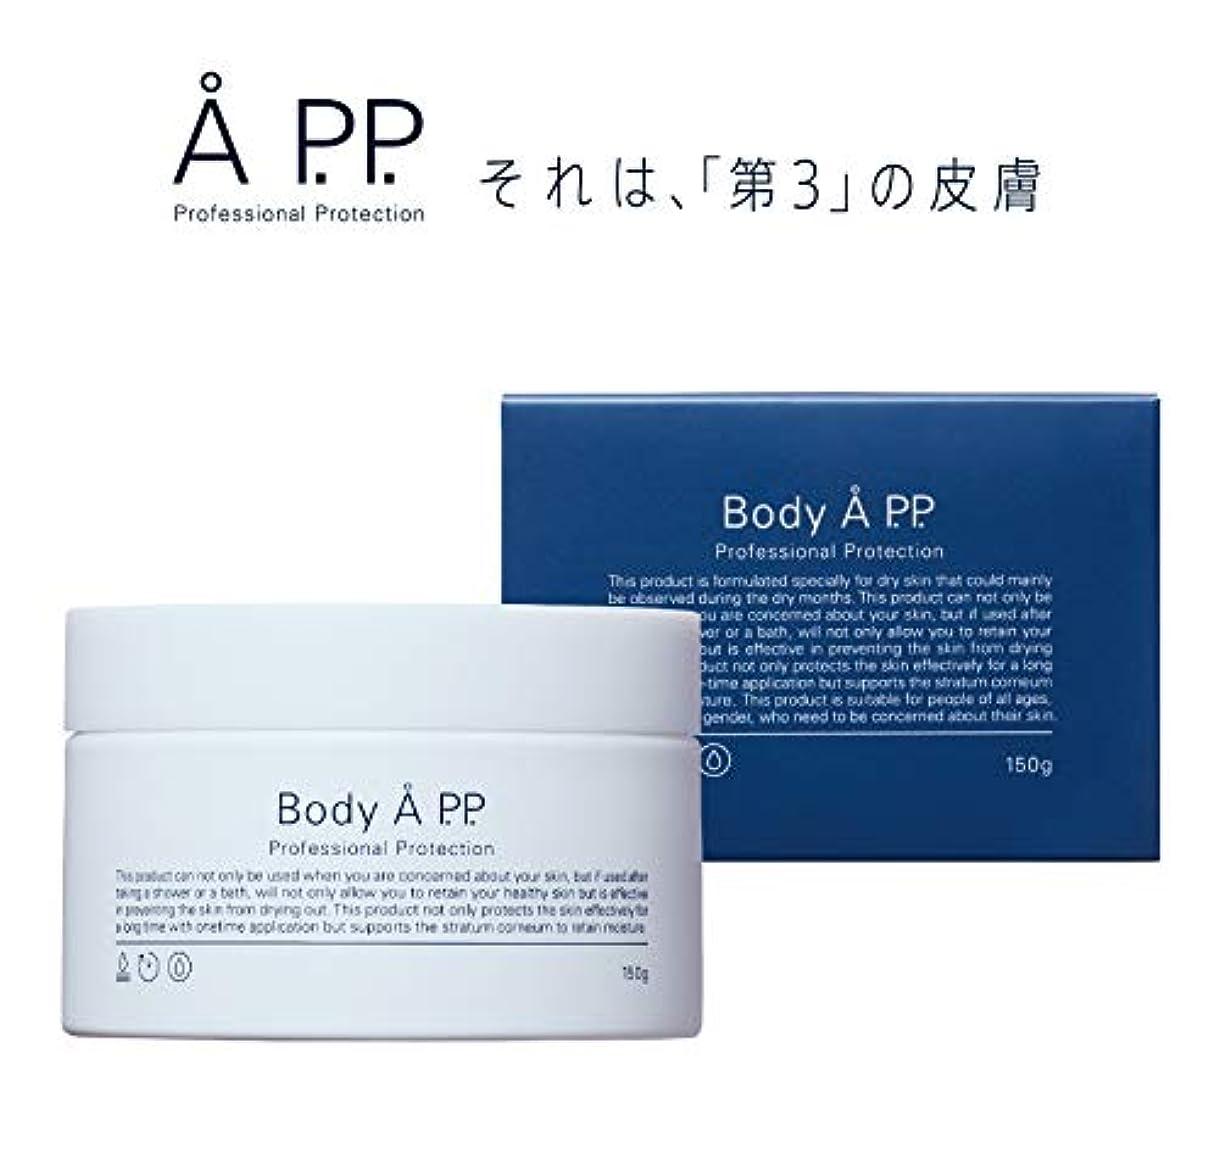 今までベストジョガーBody A P.P. プロフェッショナルプロテクション 高機能 ボディクリーム ボディークリーム 人気 ランキング 保湿 無香料 150g (1個)